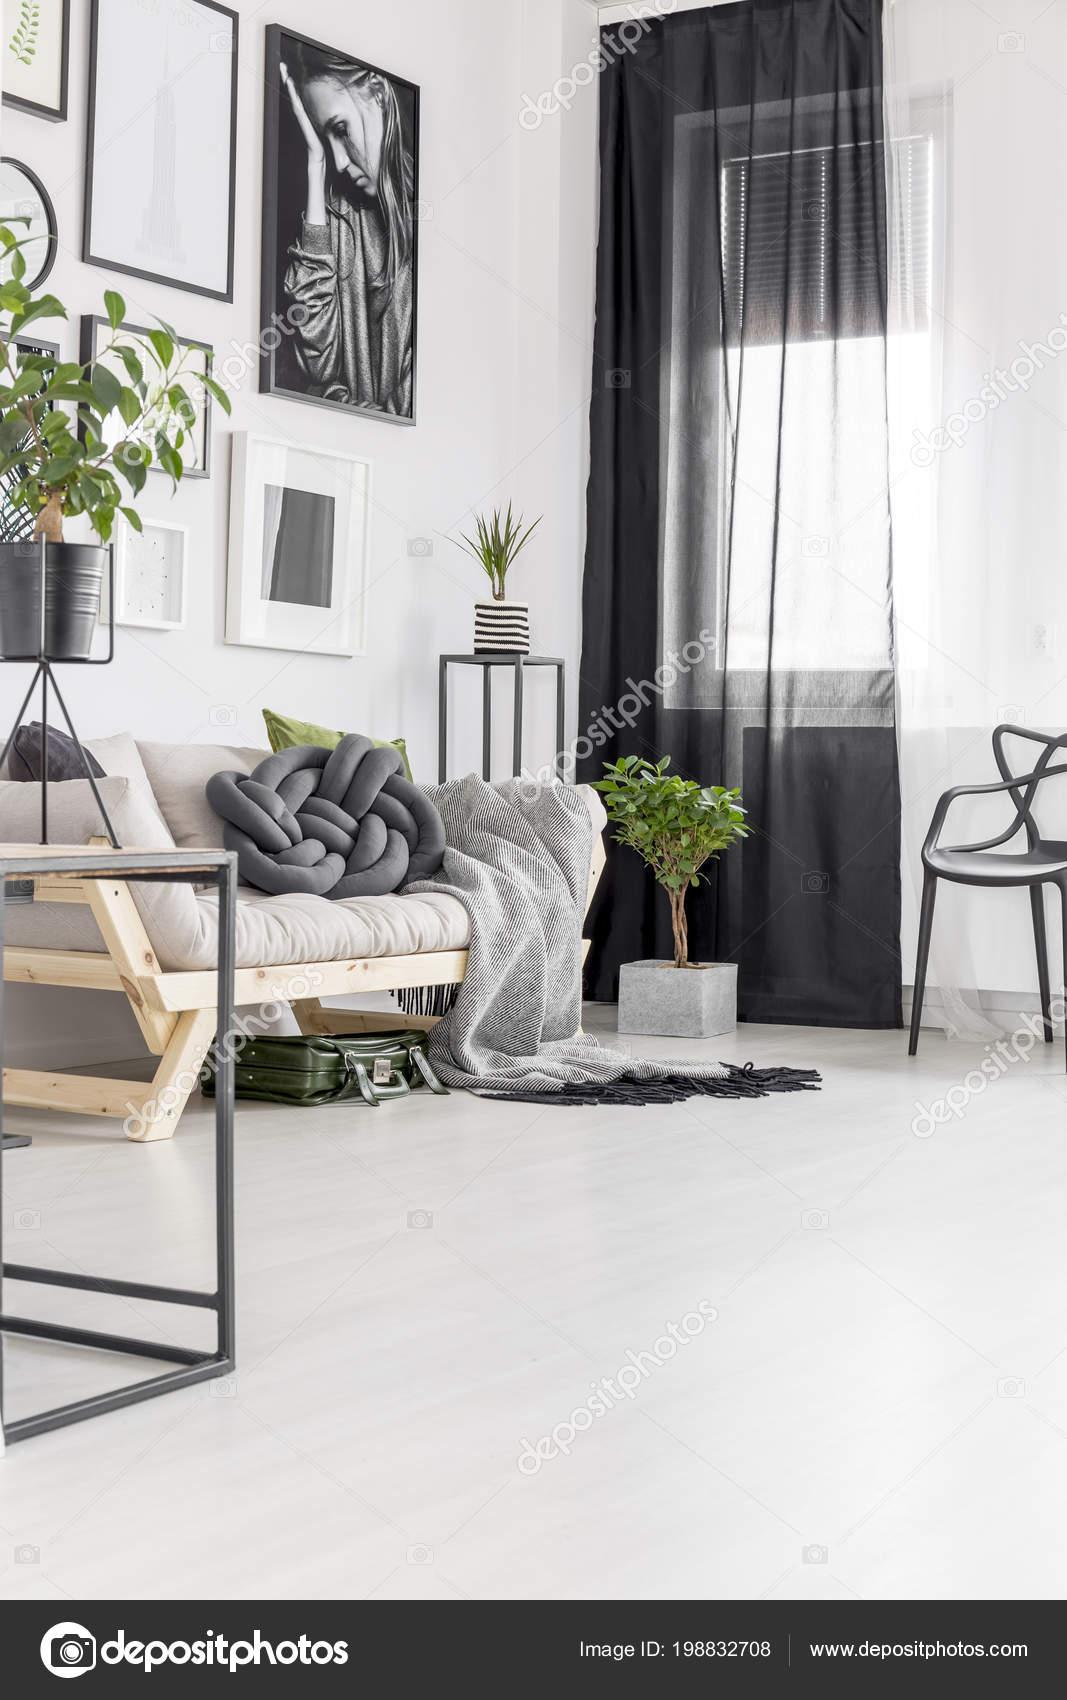 Pflanzen Sie Neben Sofa Wohnzimmer Interieur Mit Plakaten Der Wand